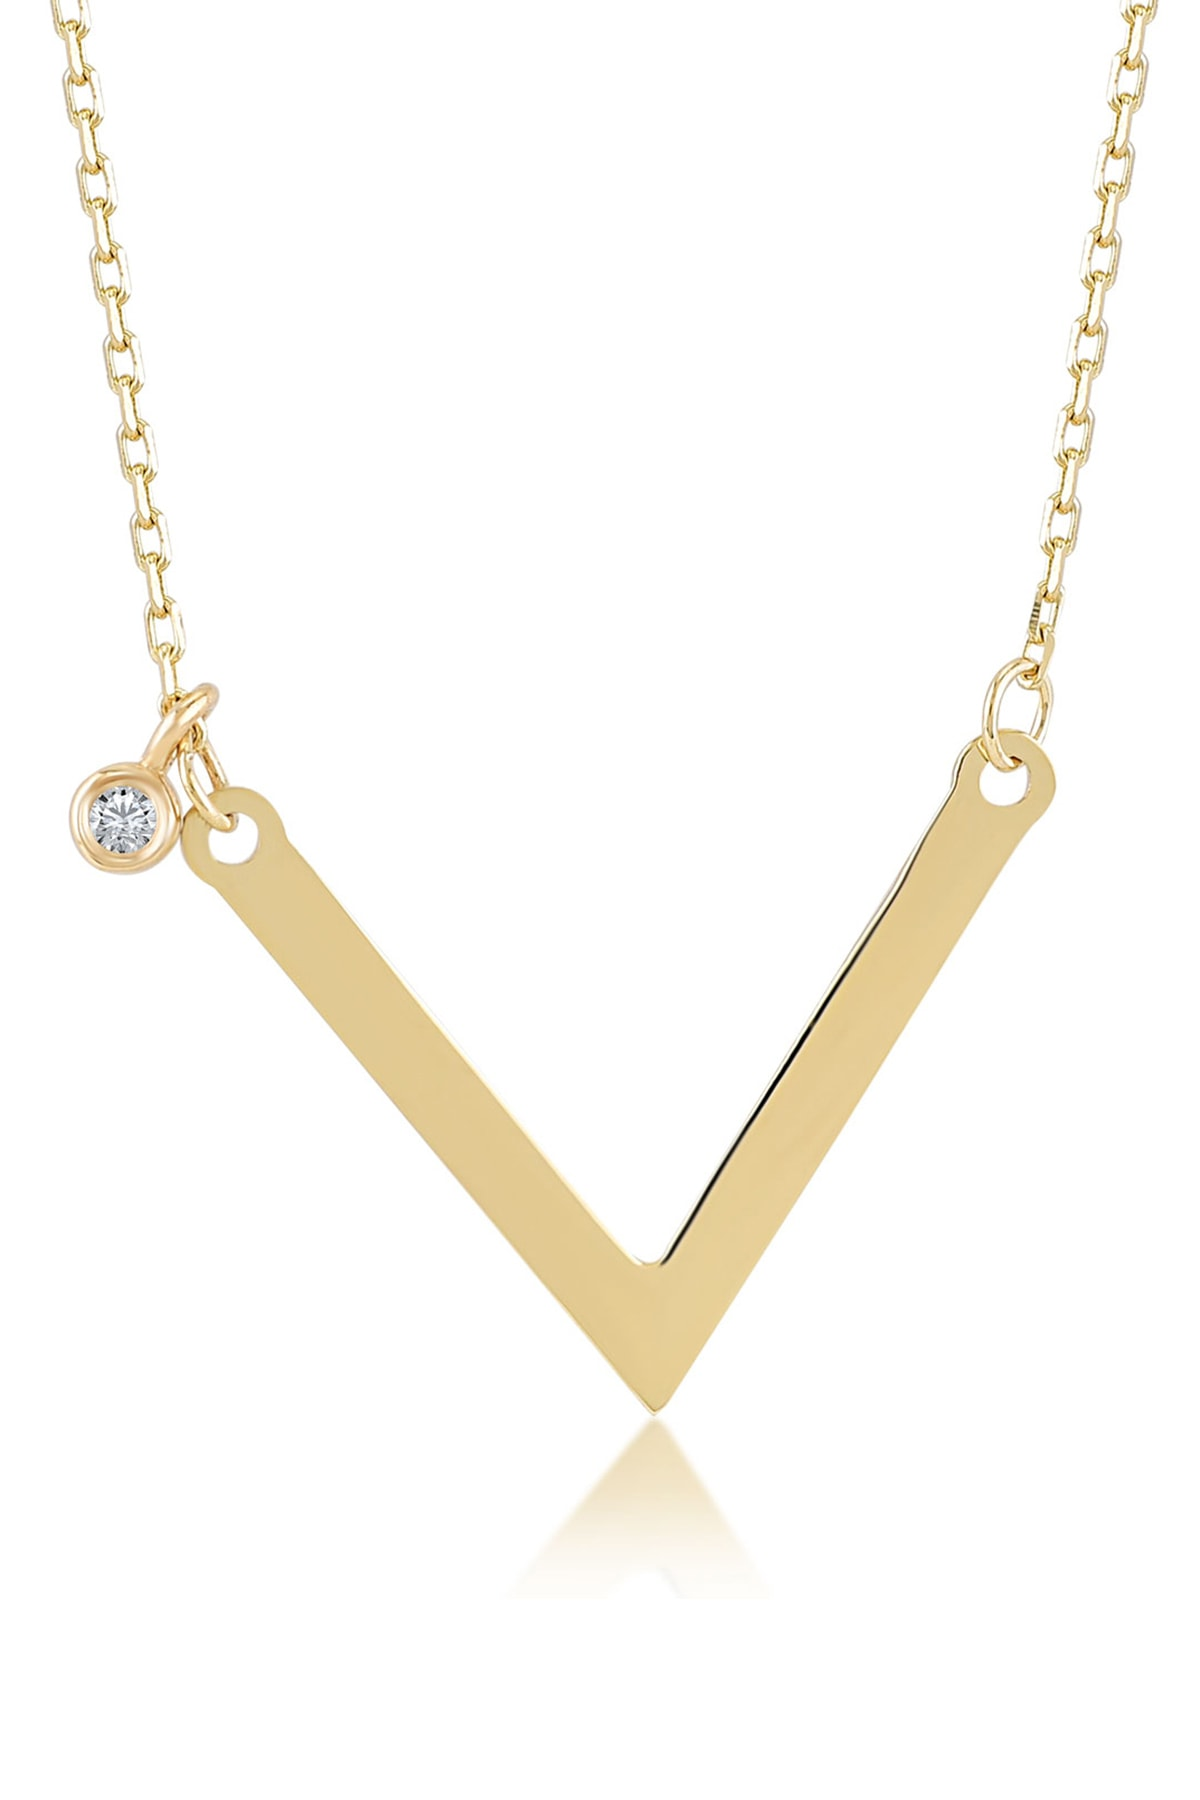 Gelin Pırlanta Kadın Altın Diamond Sade Pırlantalı V Kolye 1